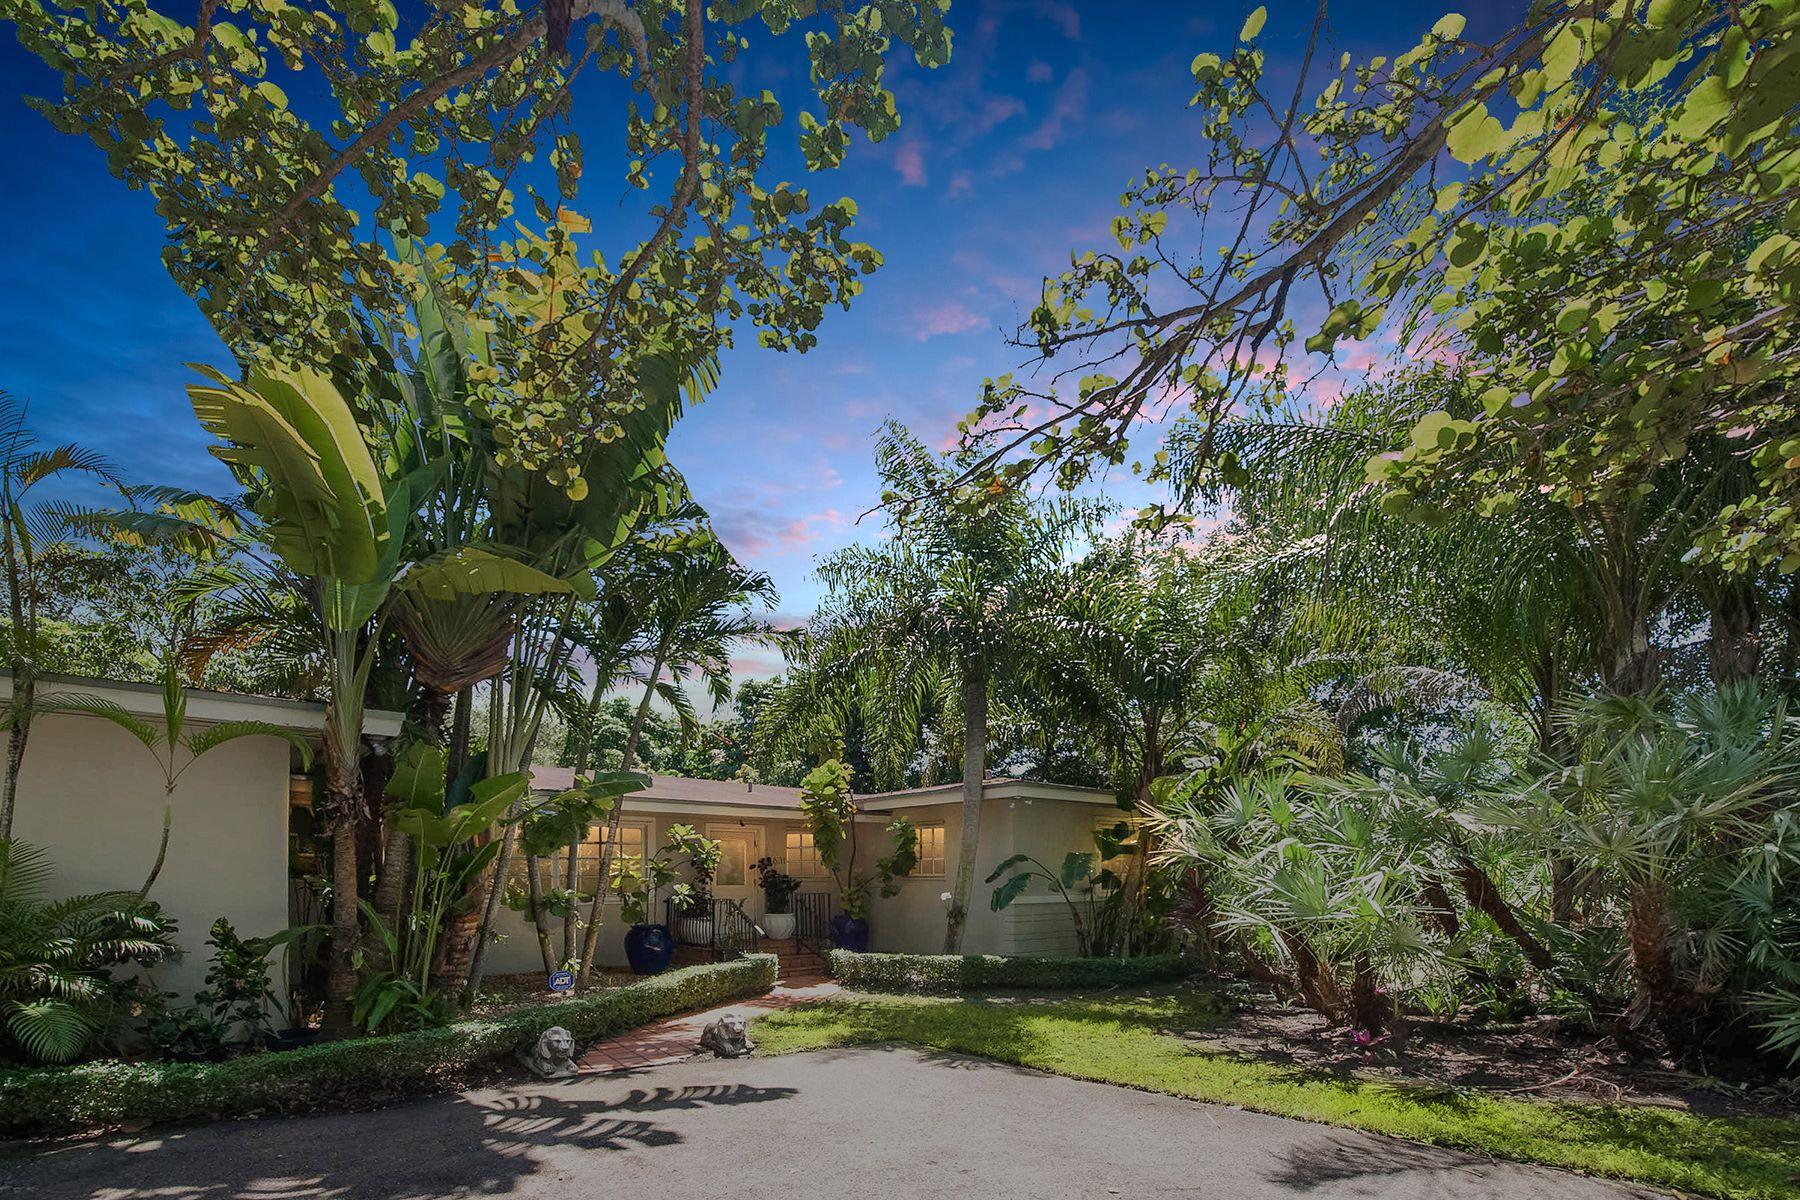 独户住宅 为 销售 在 6631 Sw 72 Court 迈阿密, 佛罗里达州, 33143 美国